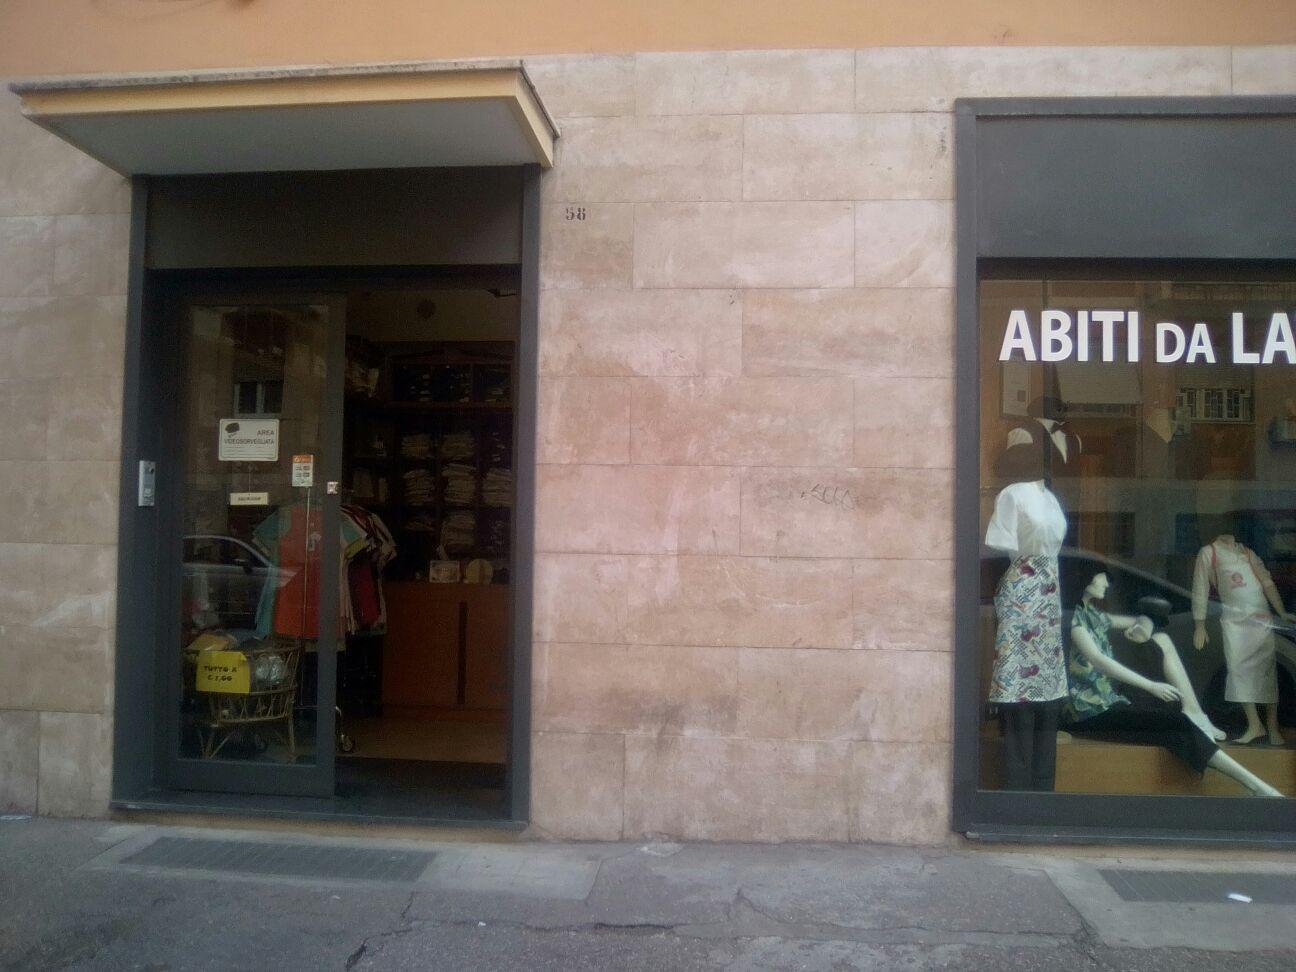 Agenzia frimm prenestina in via giorgio pitacco vendita for Locale commerciale a roma